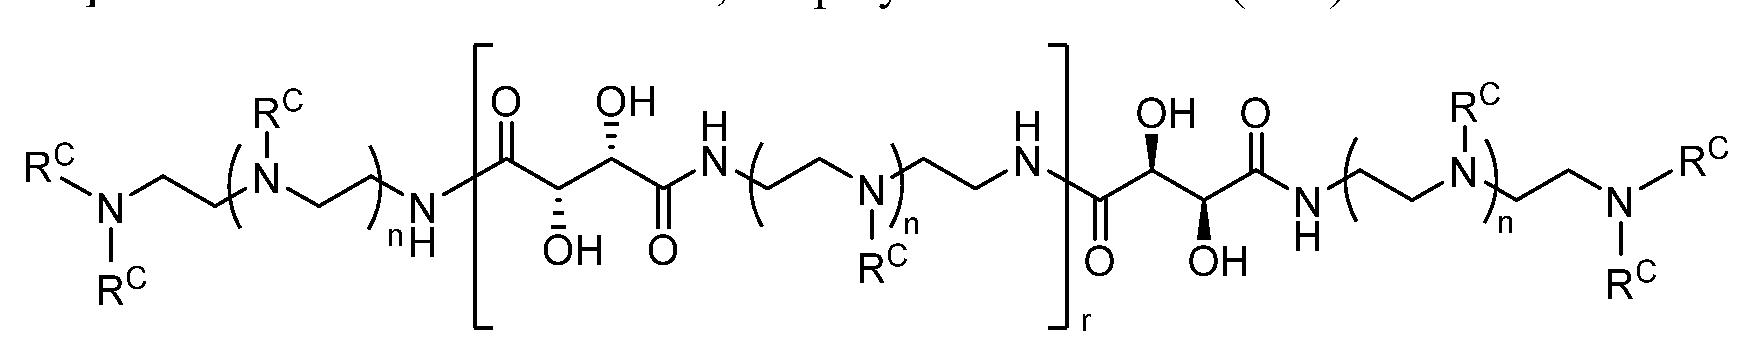 Figure imgf000122_0004